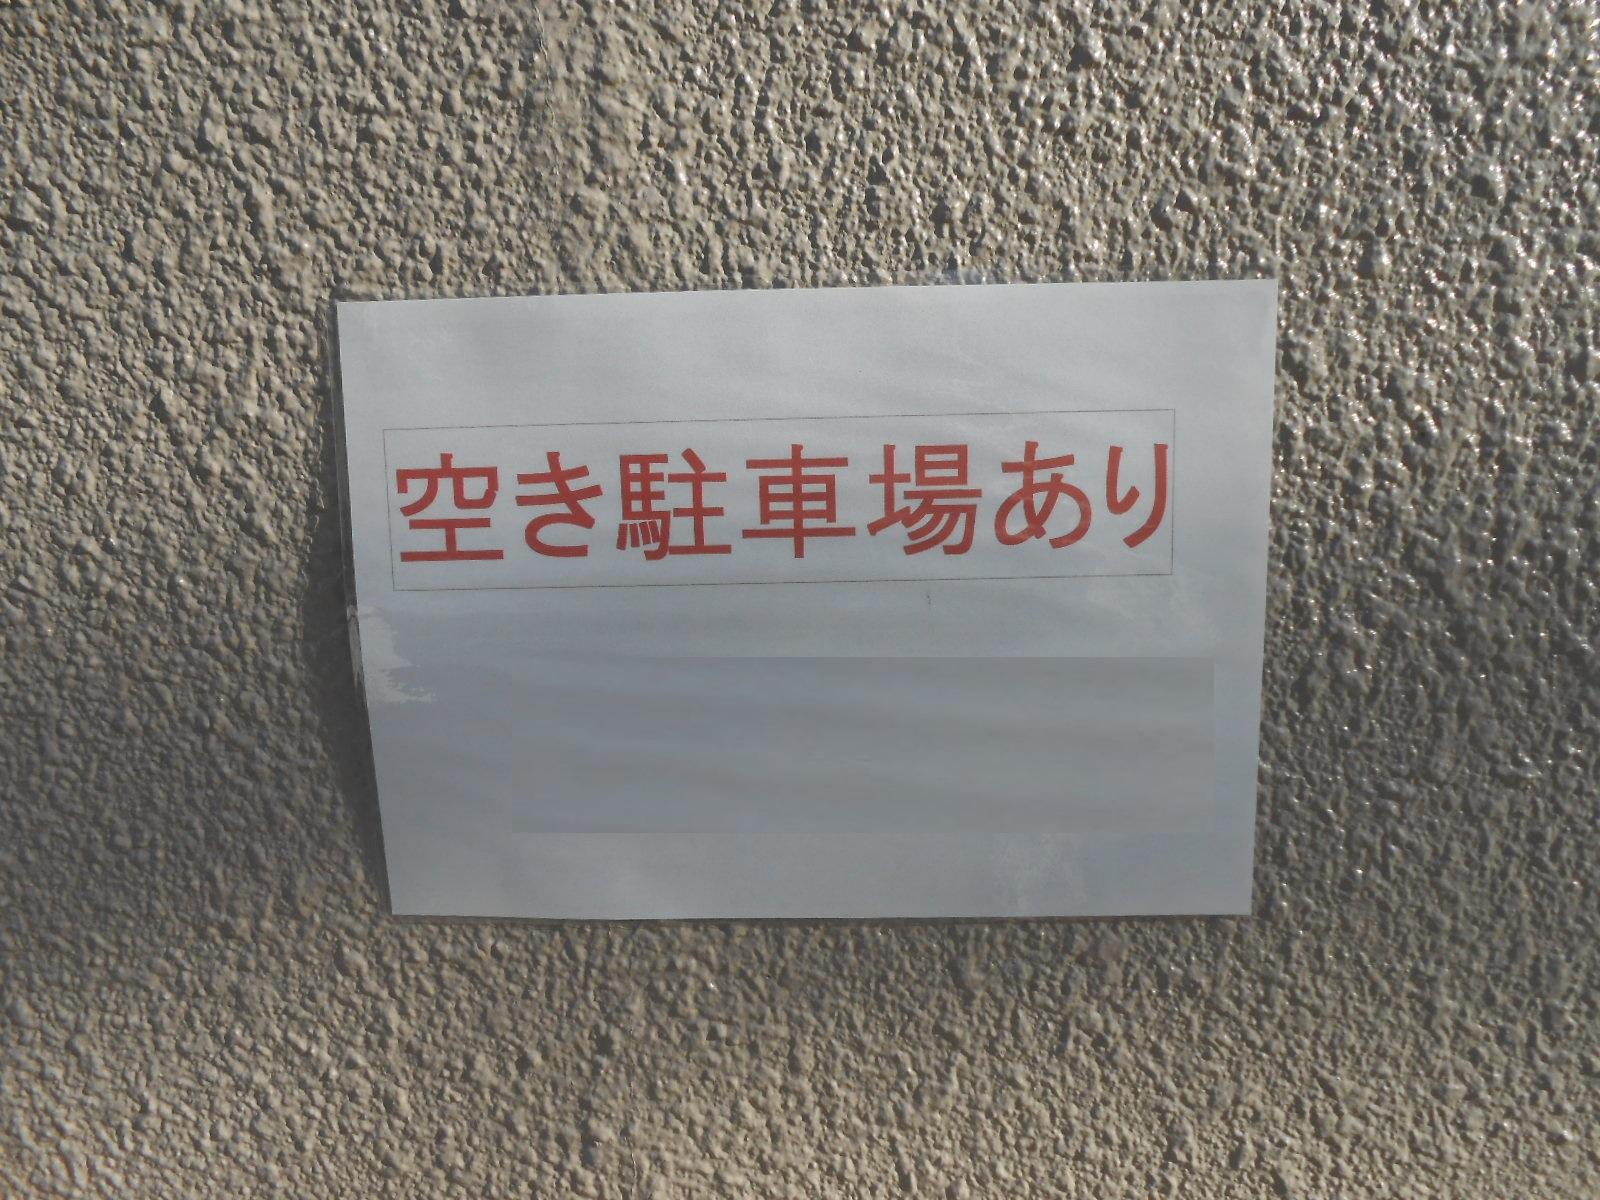 20170117120608db3.jpg